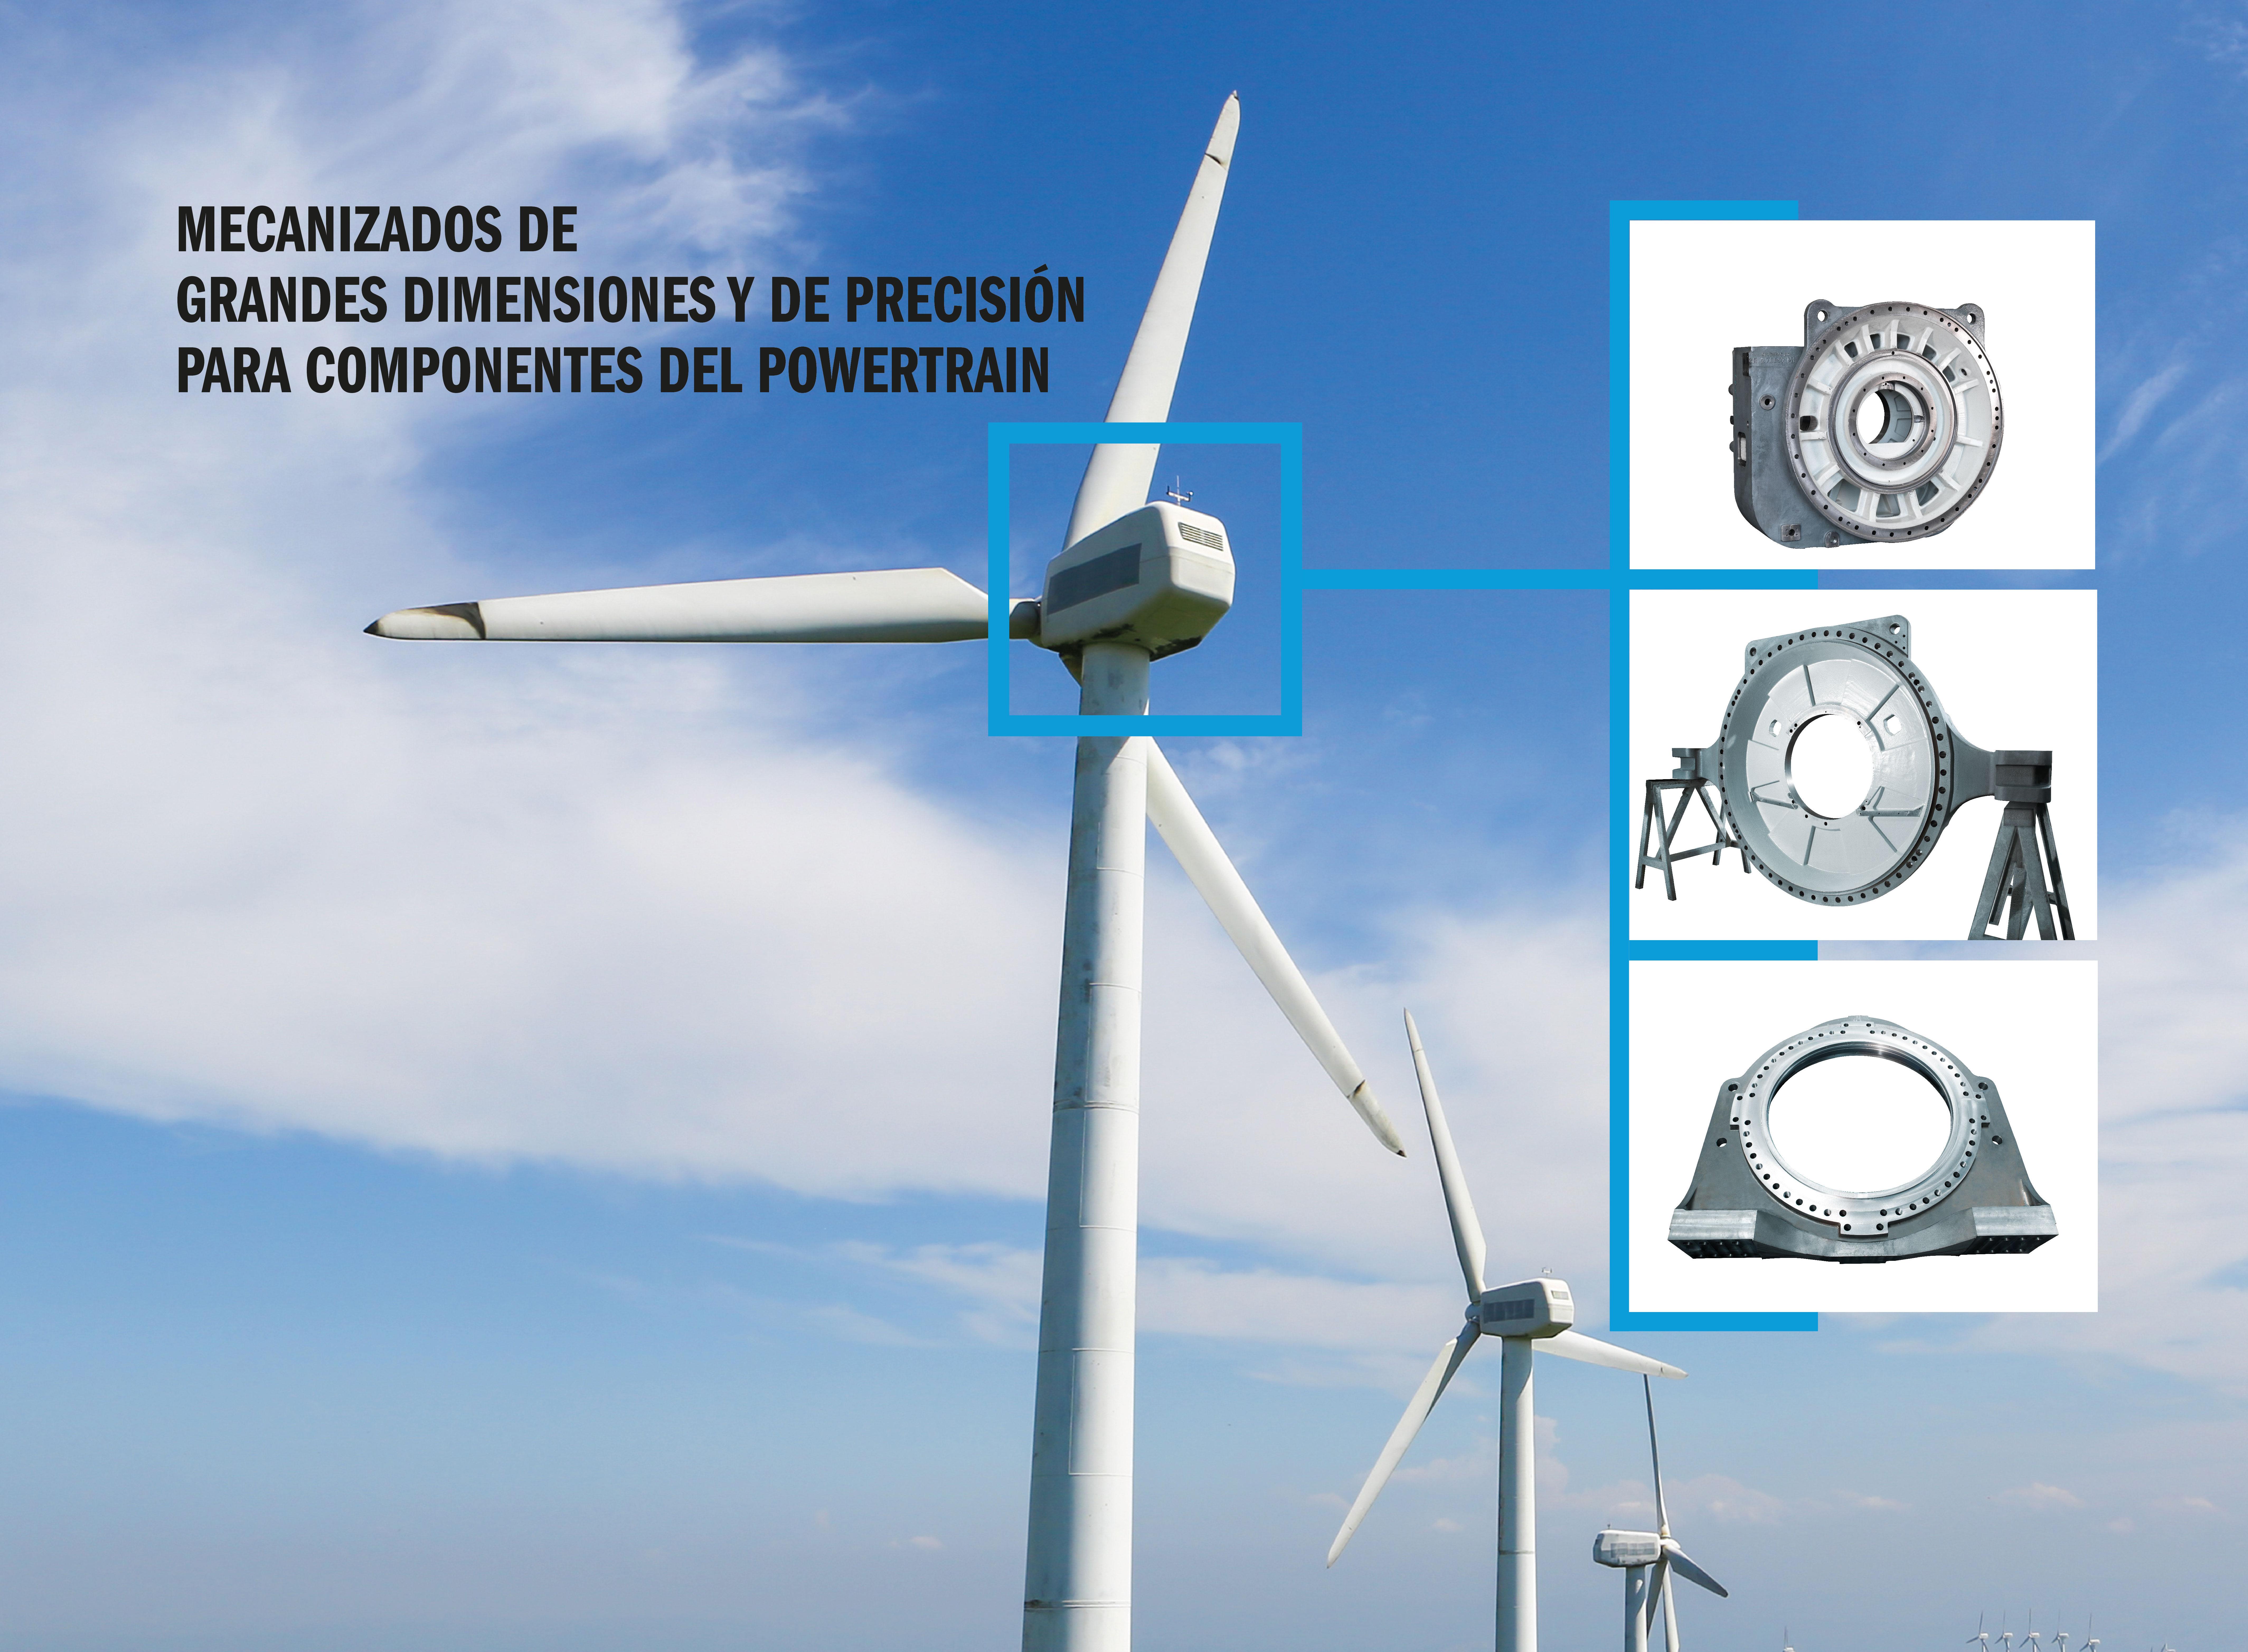 GOIMEK mostrará sus capacidades de mecanizado para el sector eólico en la feria WindEurope 2019